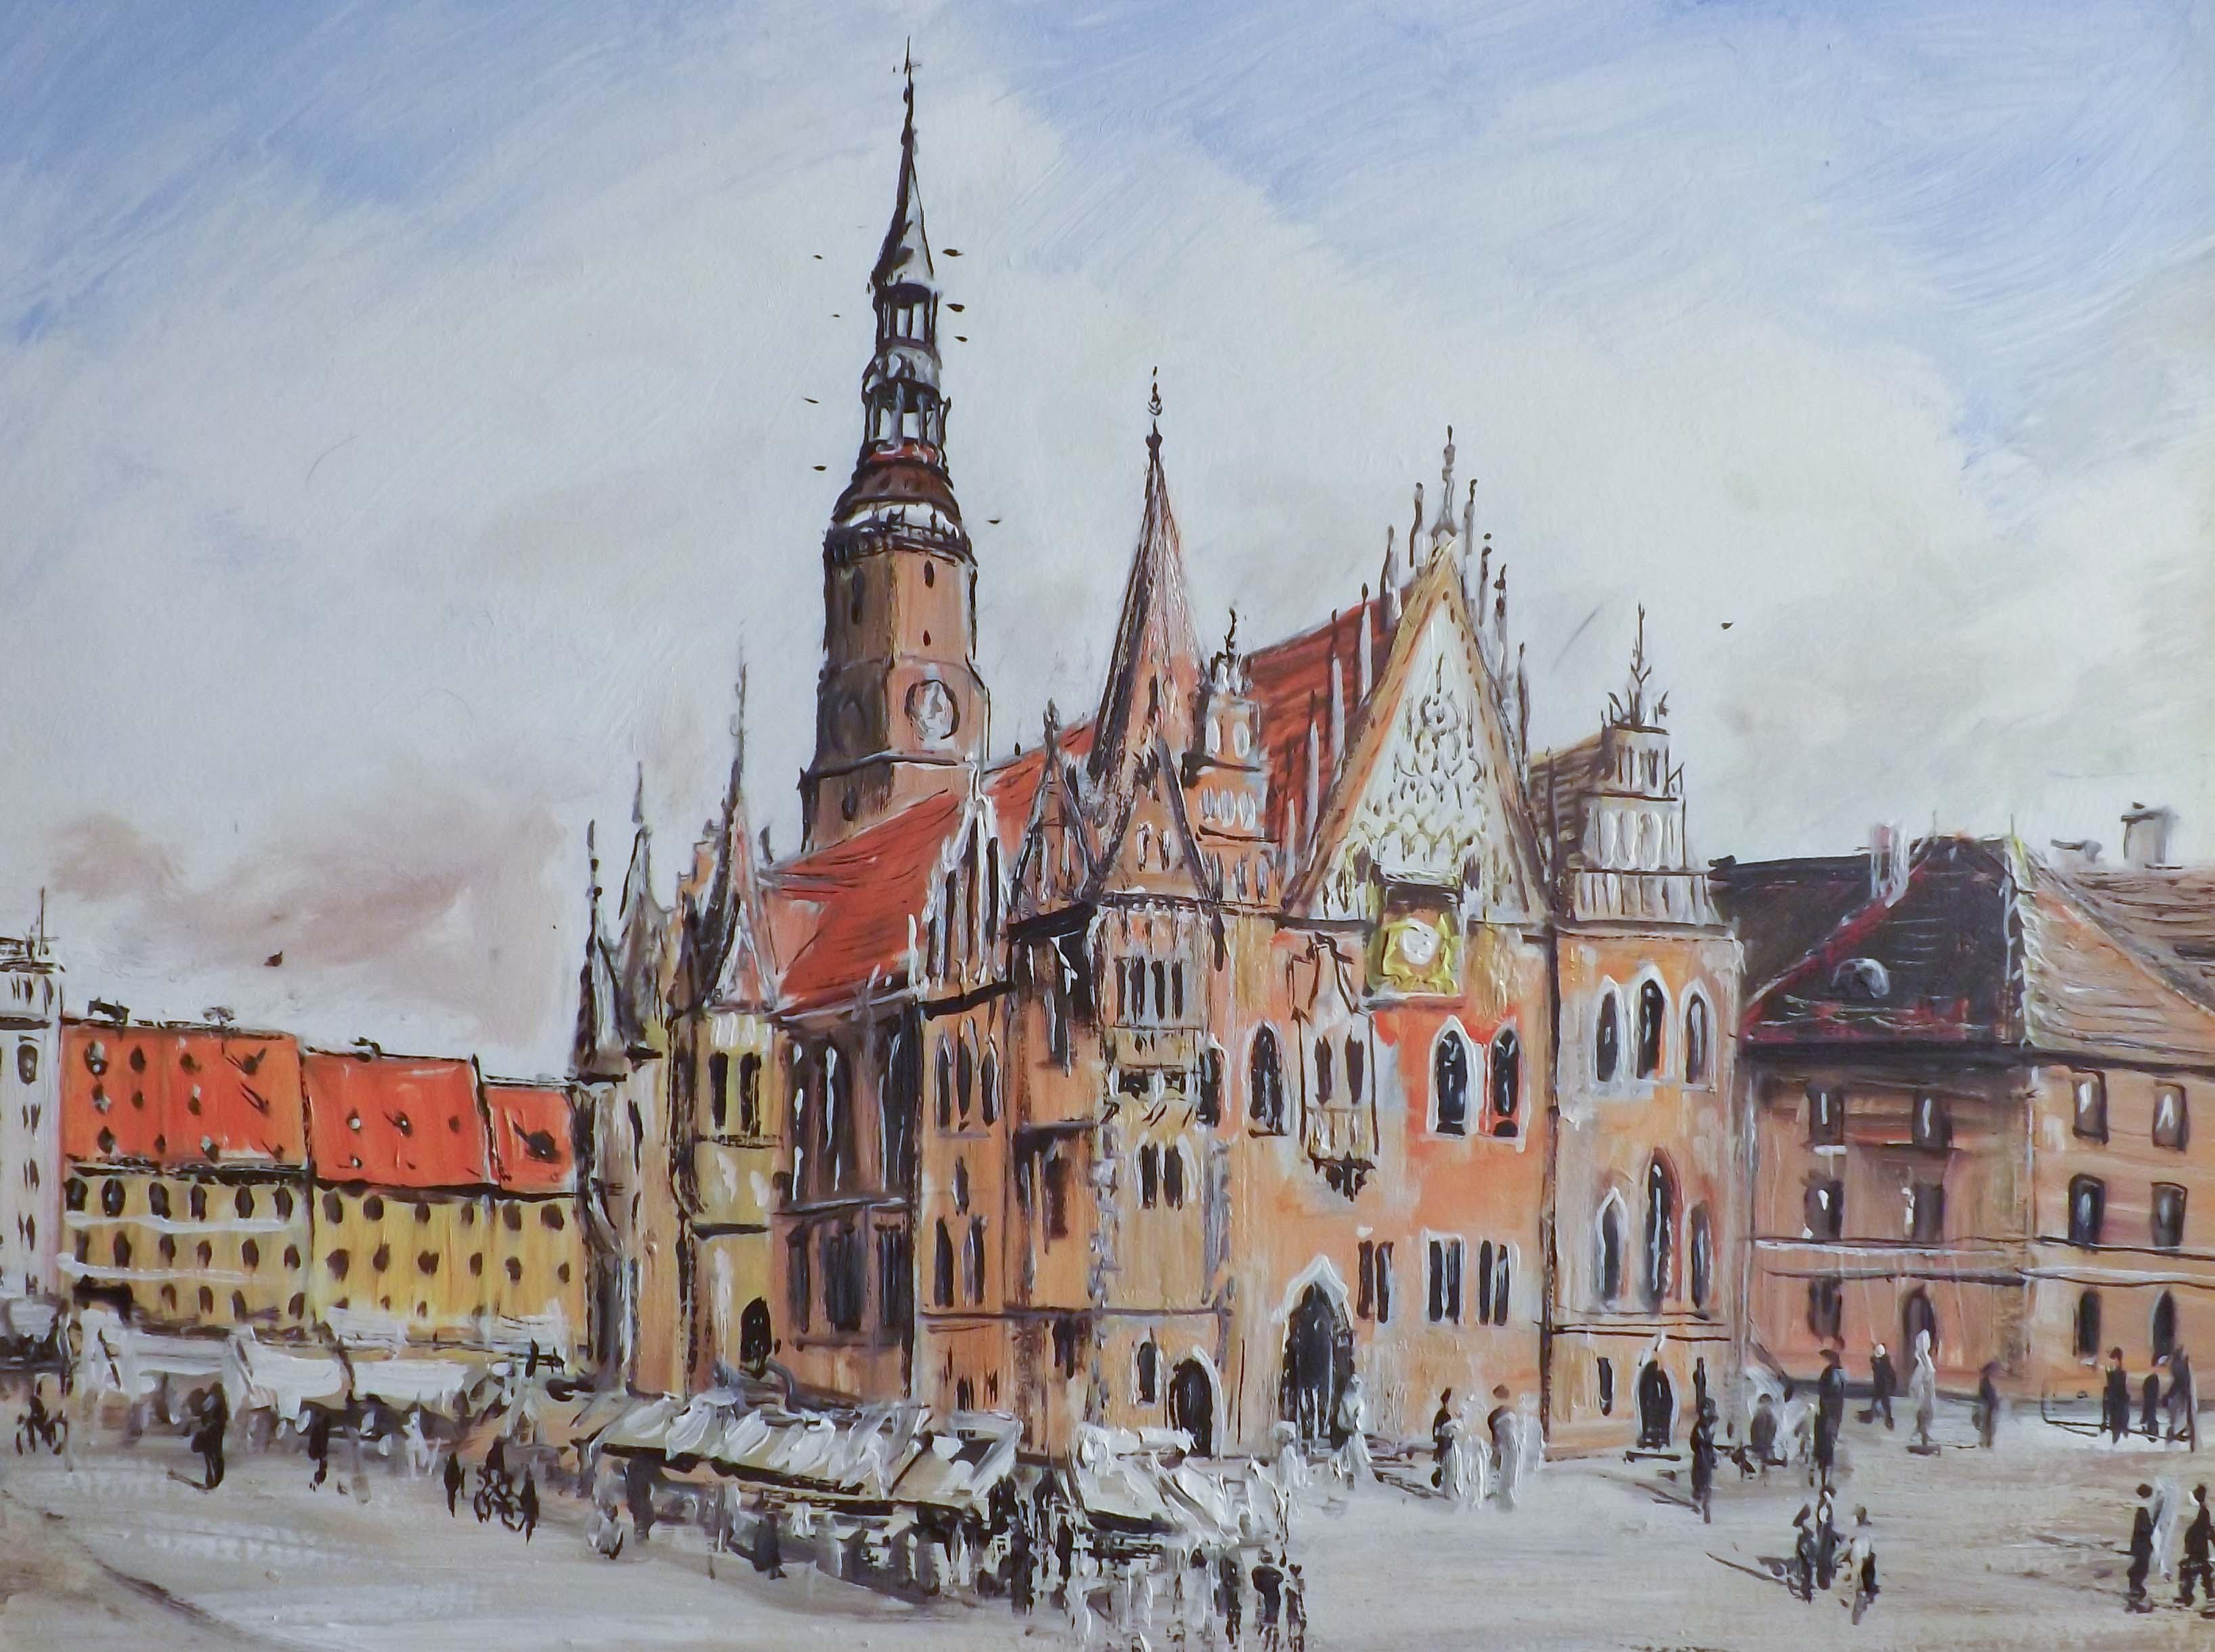 https://peter-natusch.de/wp-content/uploads/2018/01/Breslau-Rathhaus-Markt.jpg